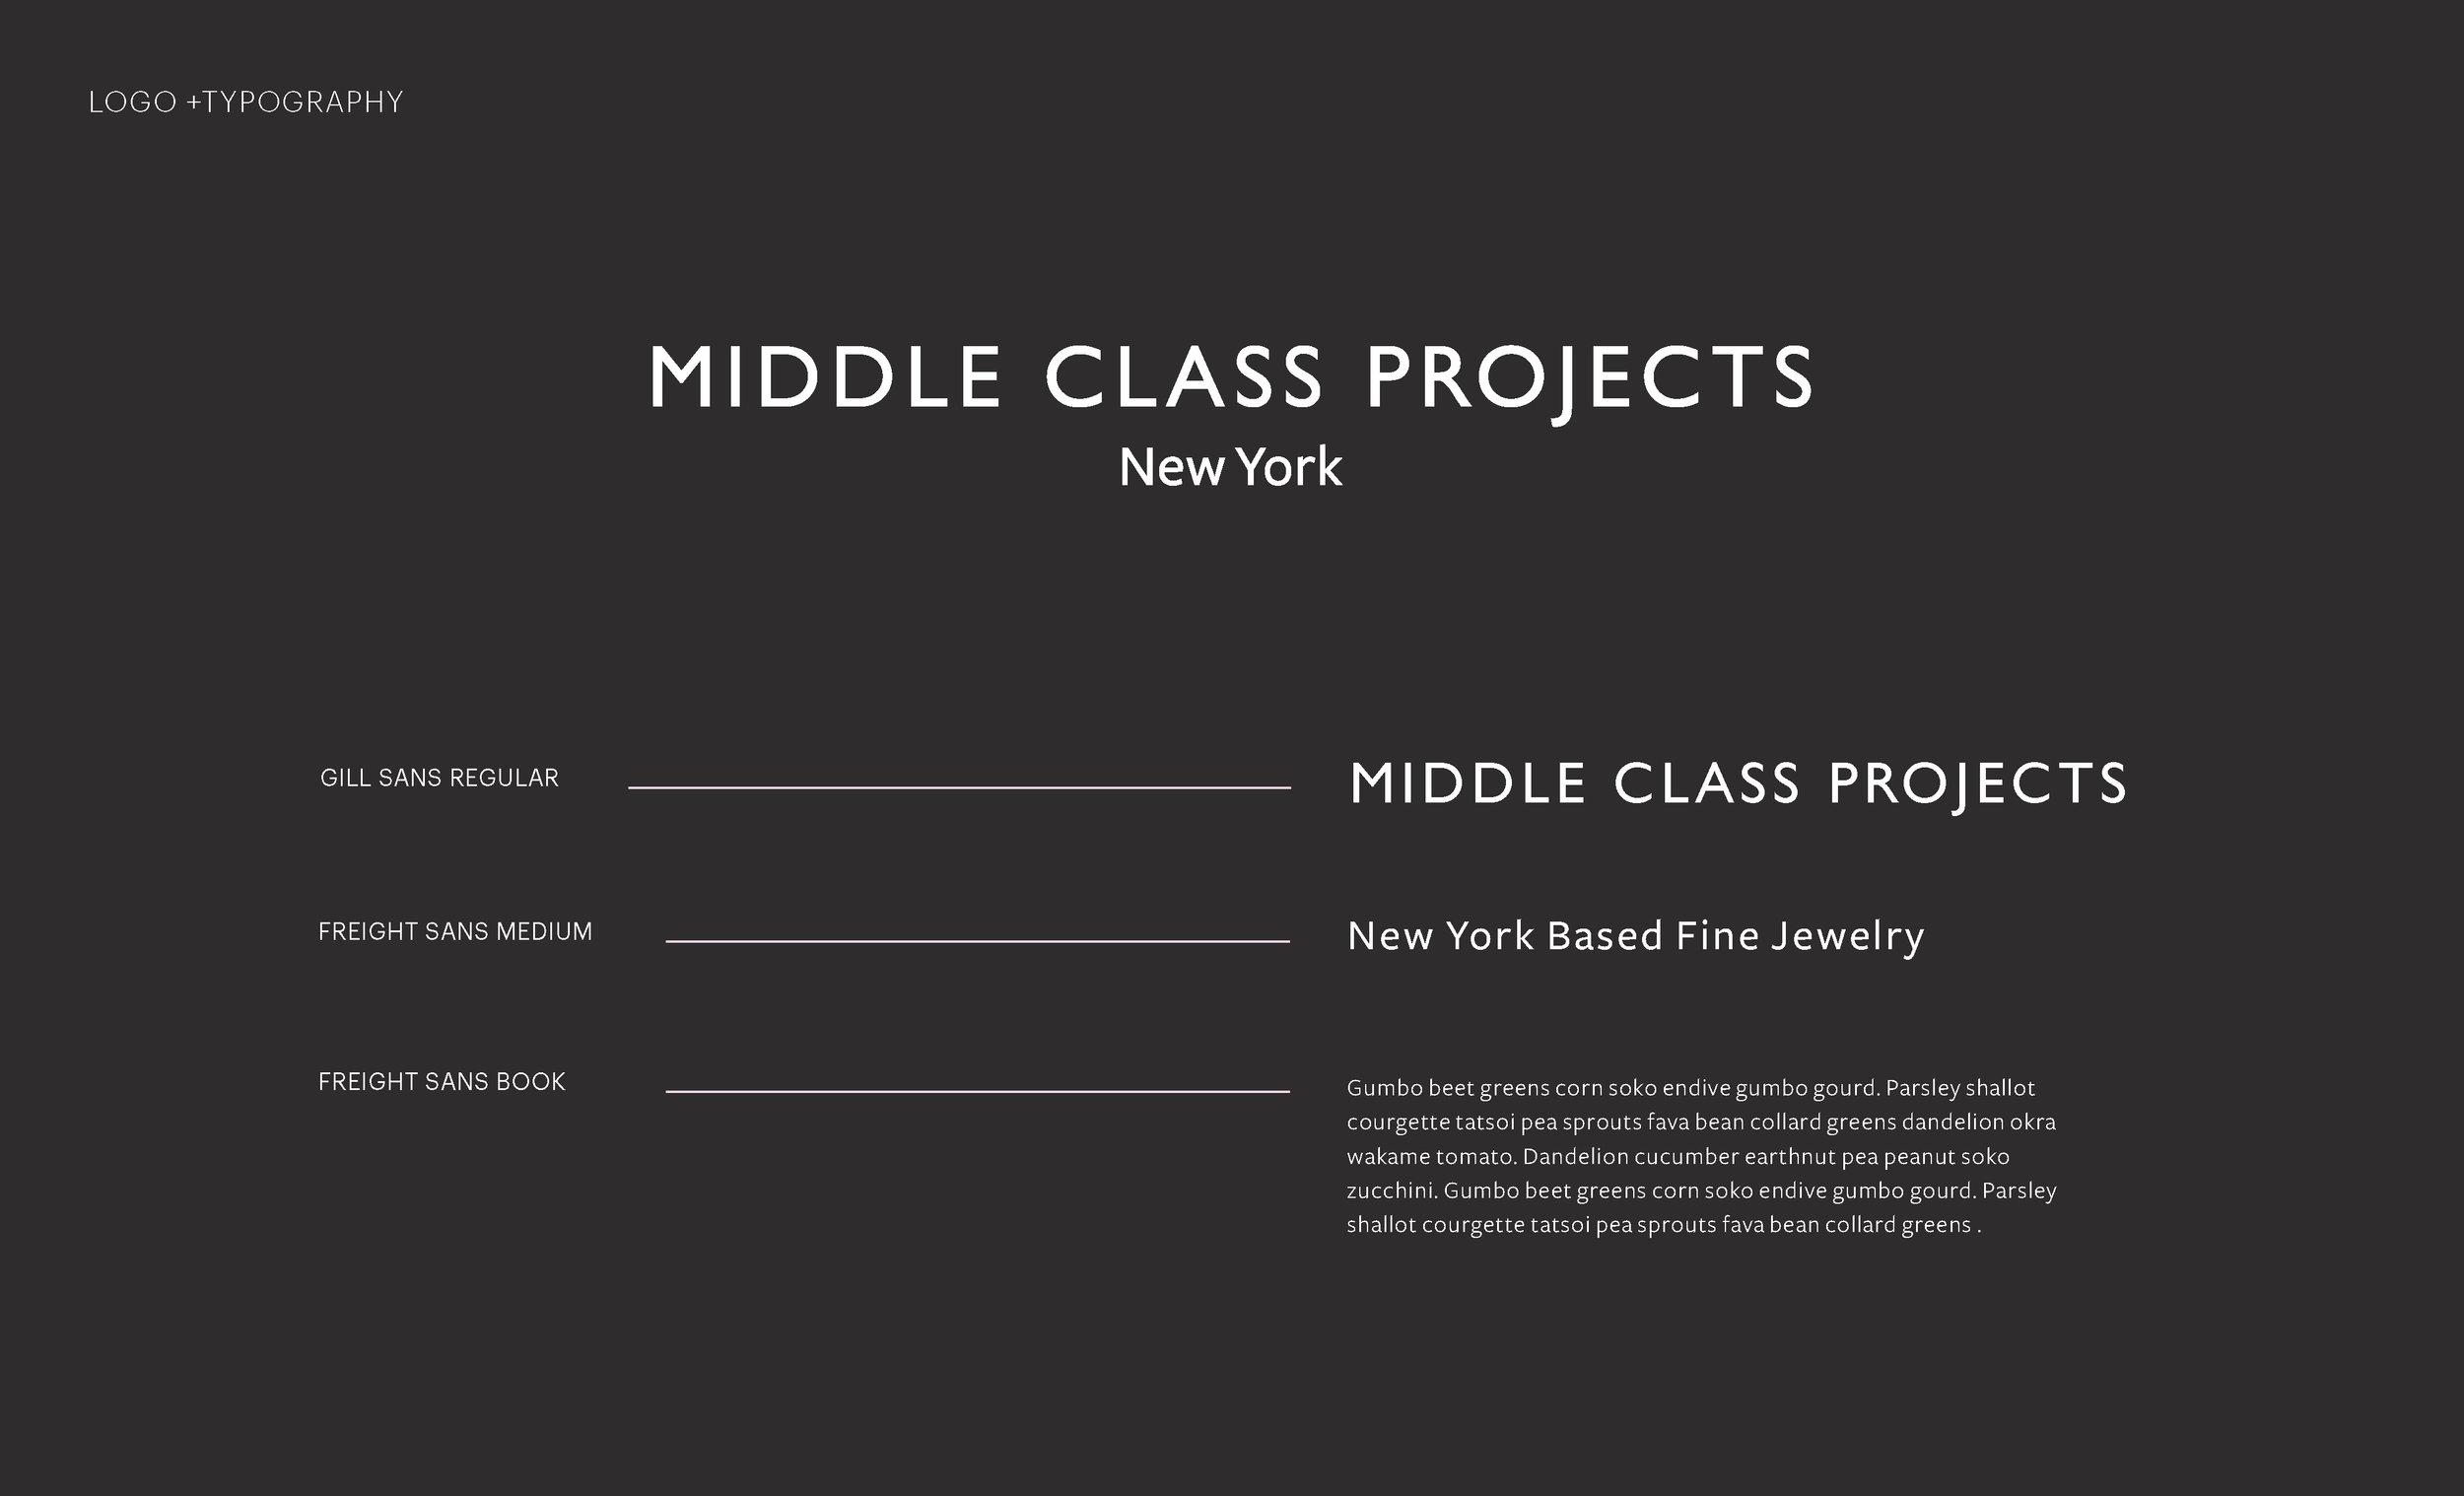 MiddleClassProjects_BrandGuideline_F12.jpg